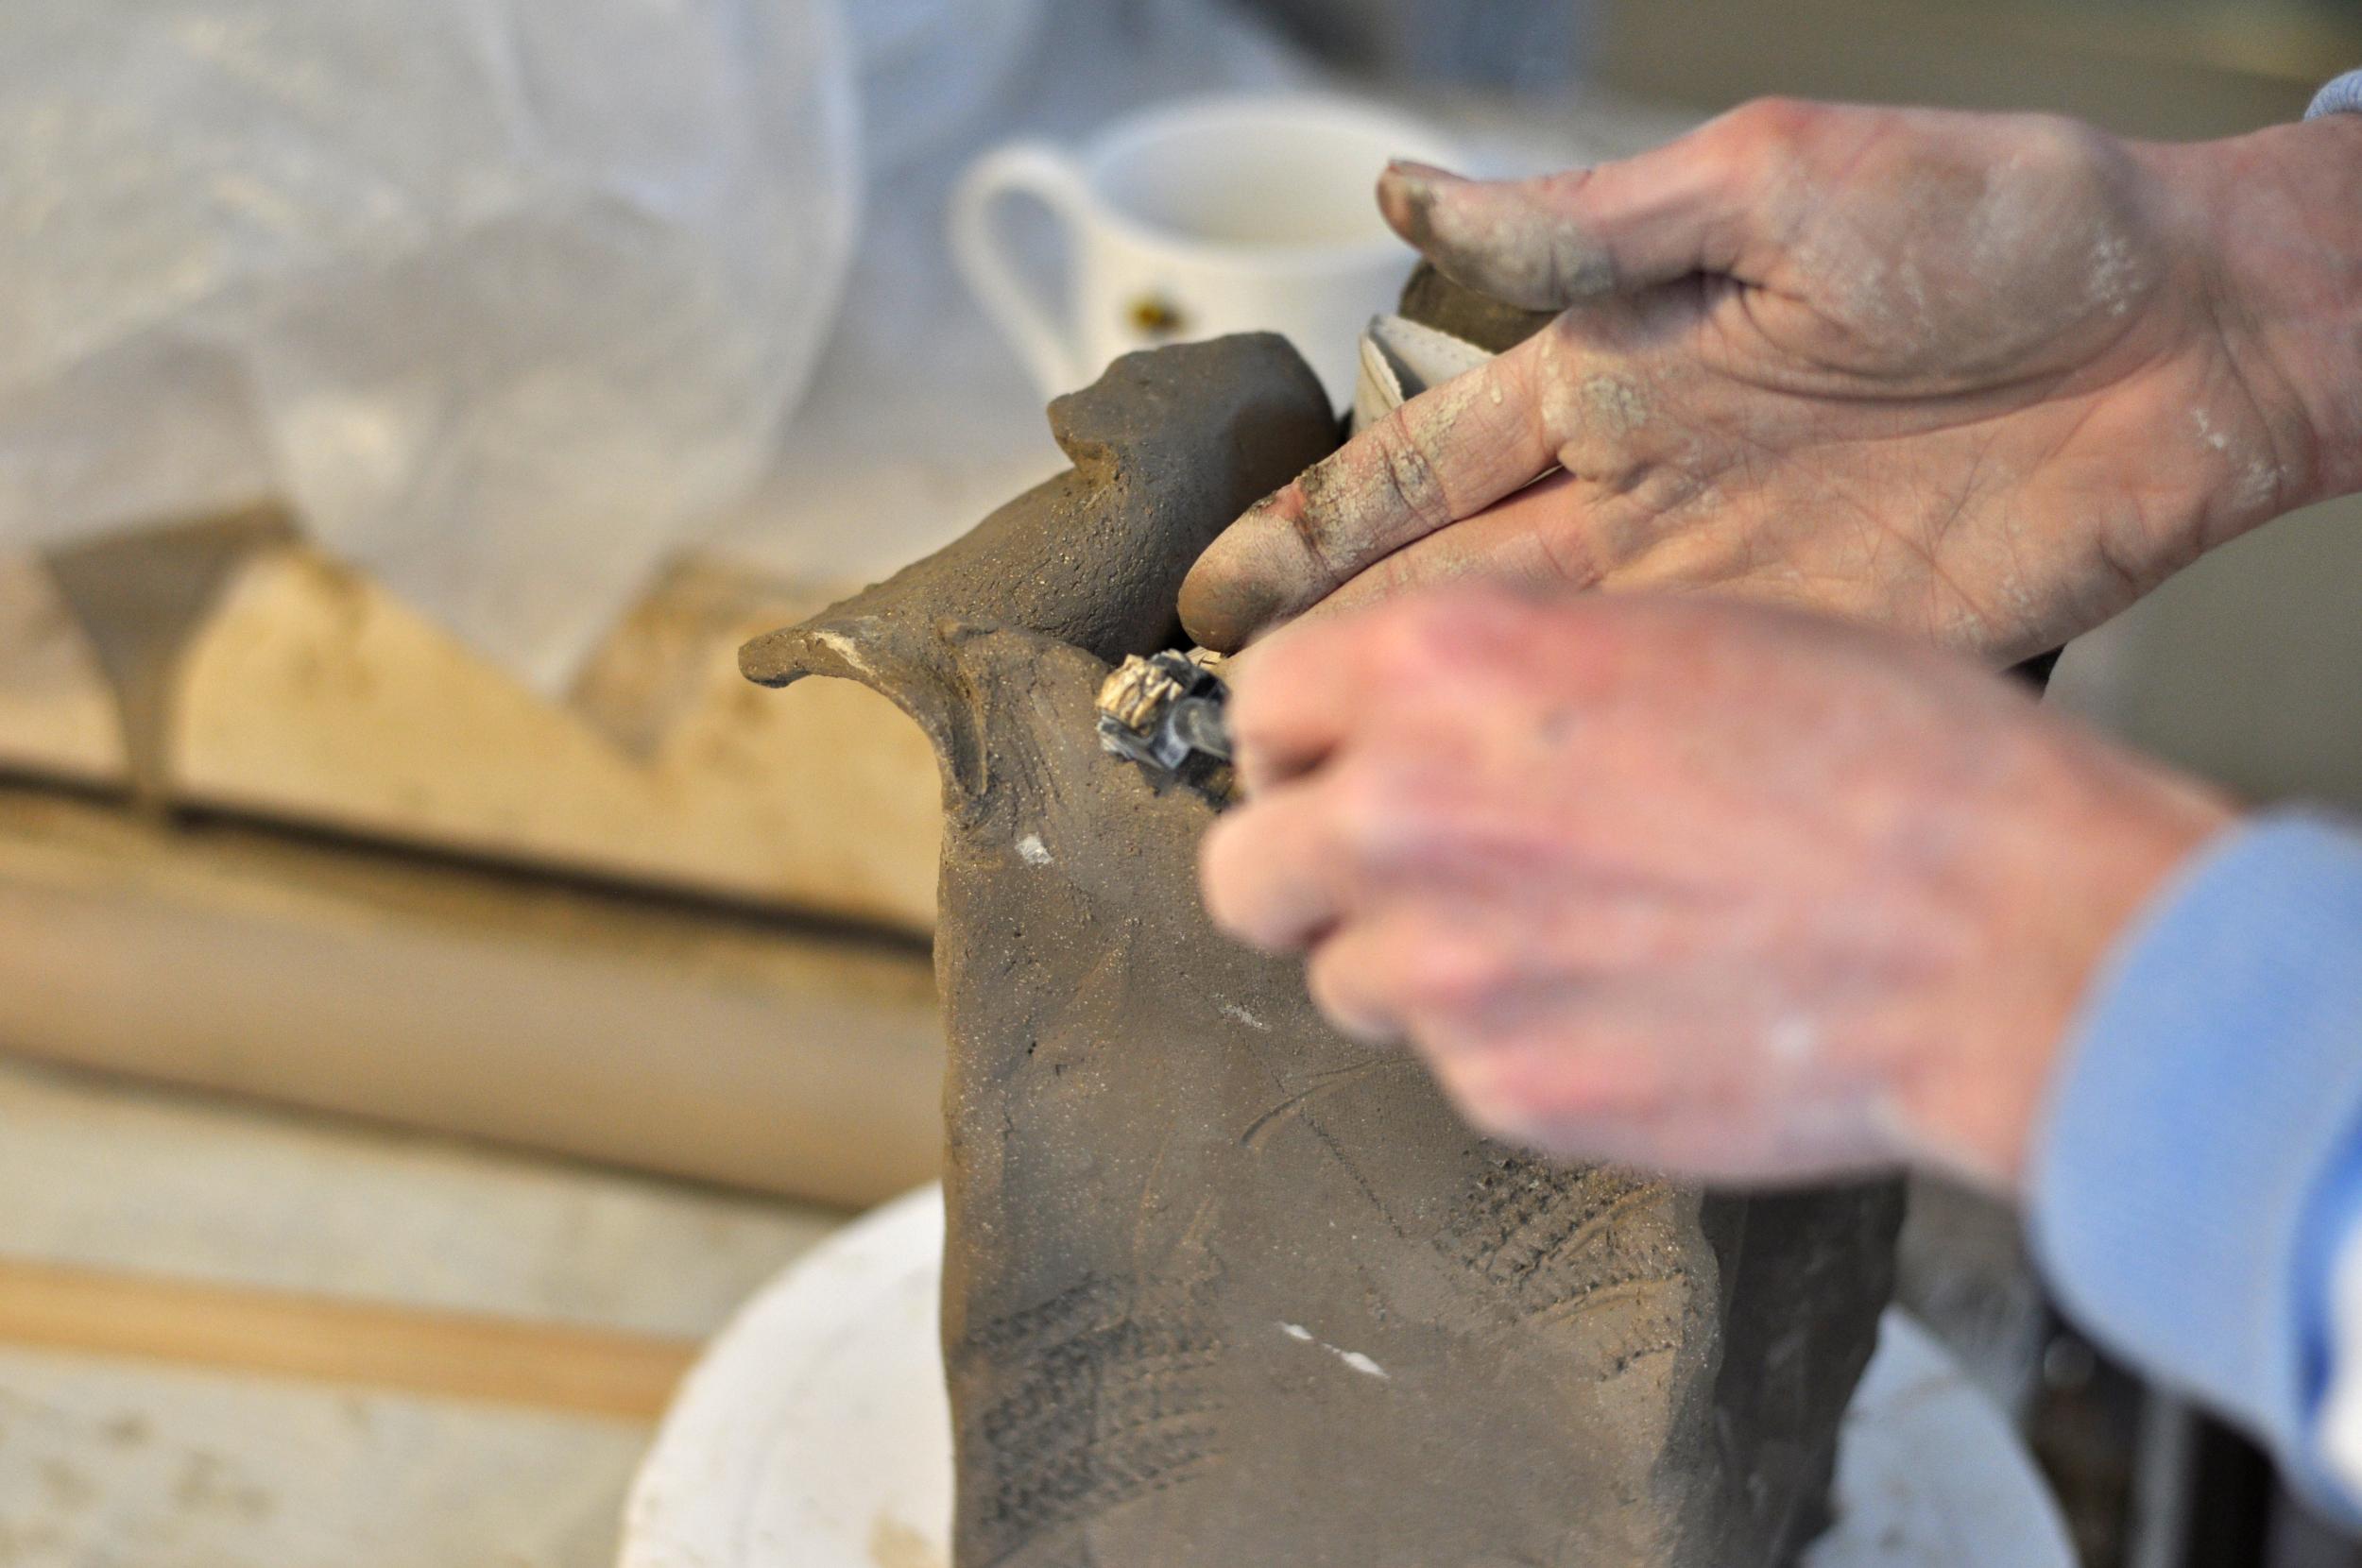 Hand building with raku clay